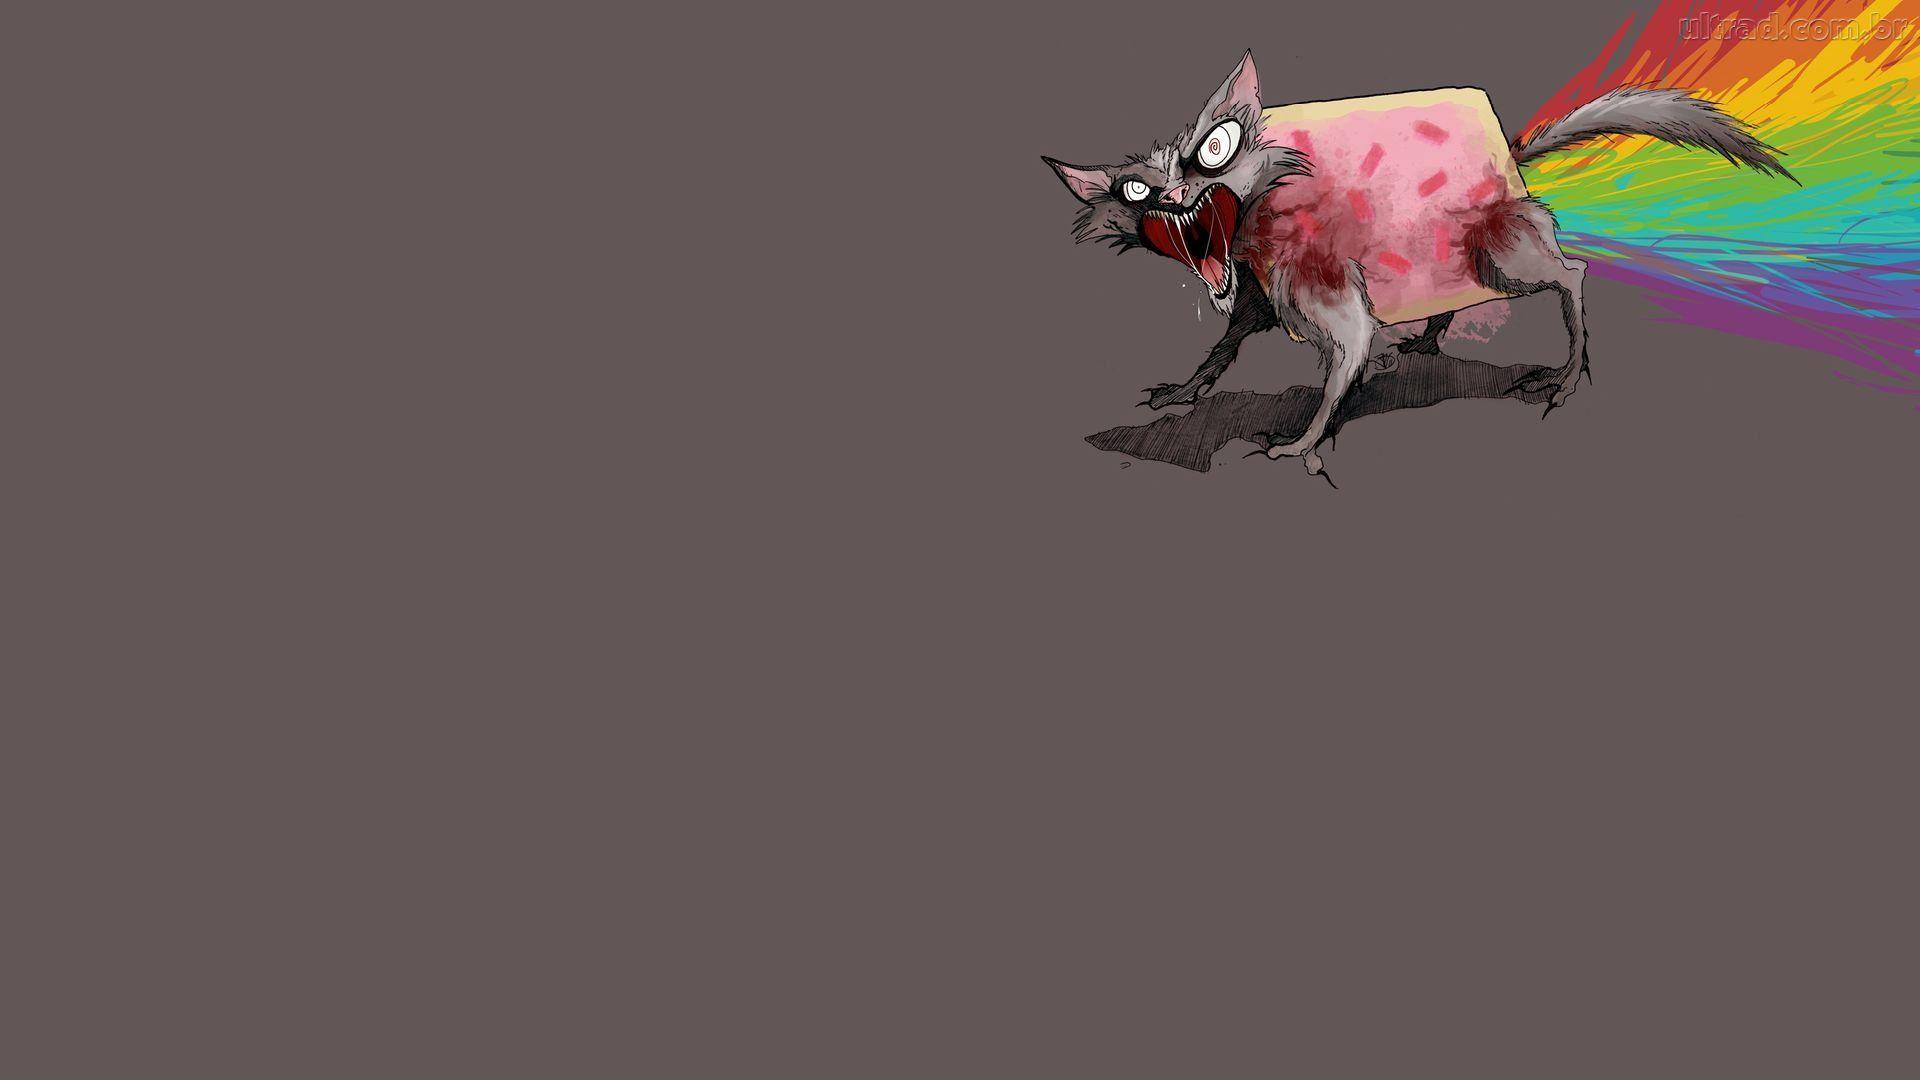 Cool Wallpaper Macbook Cat - 349a02de34d94f657dacad9c3e53f470  Photograph_234115.jpg